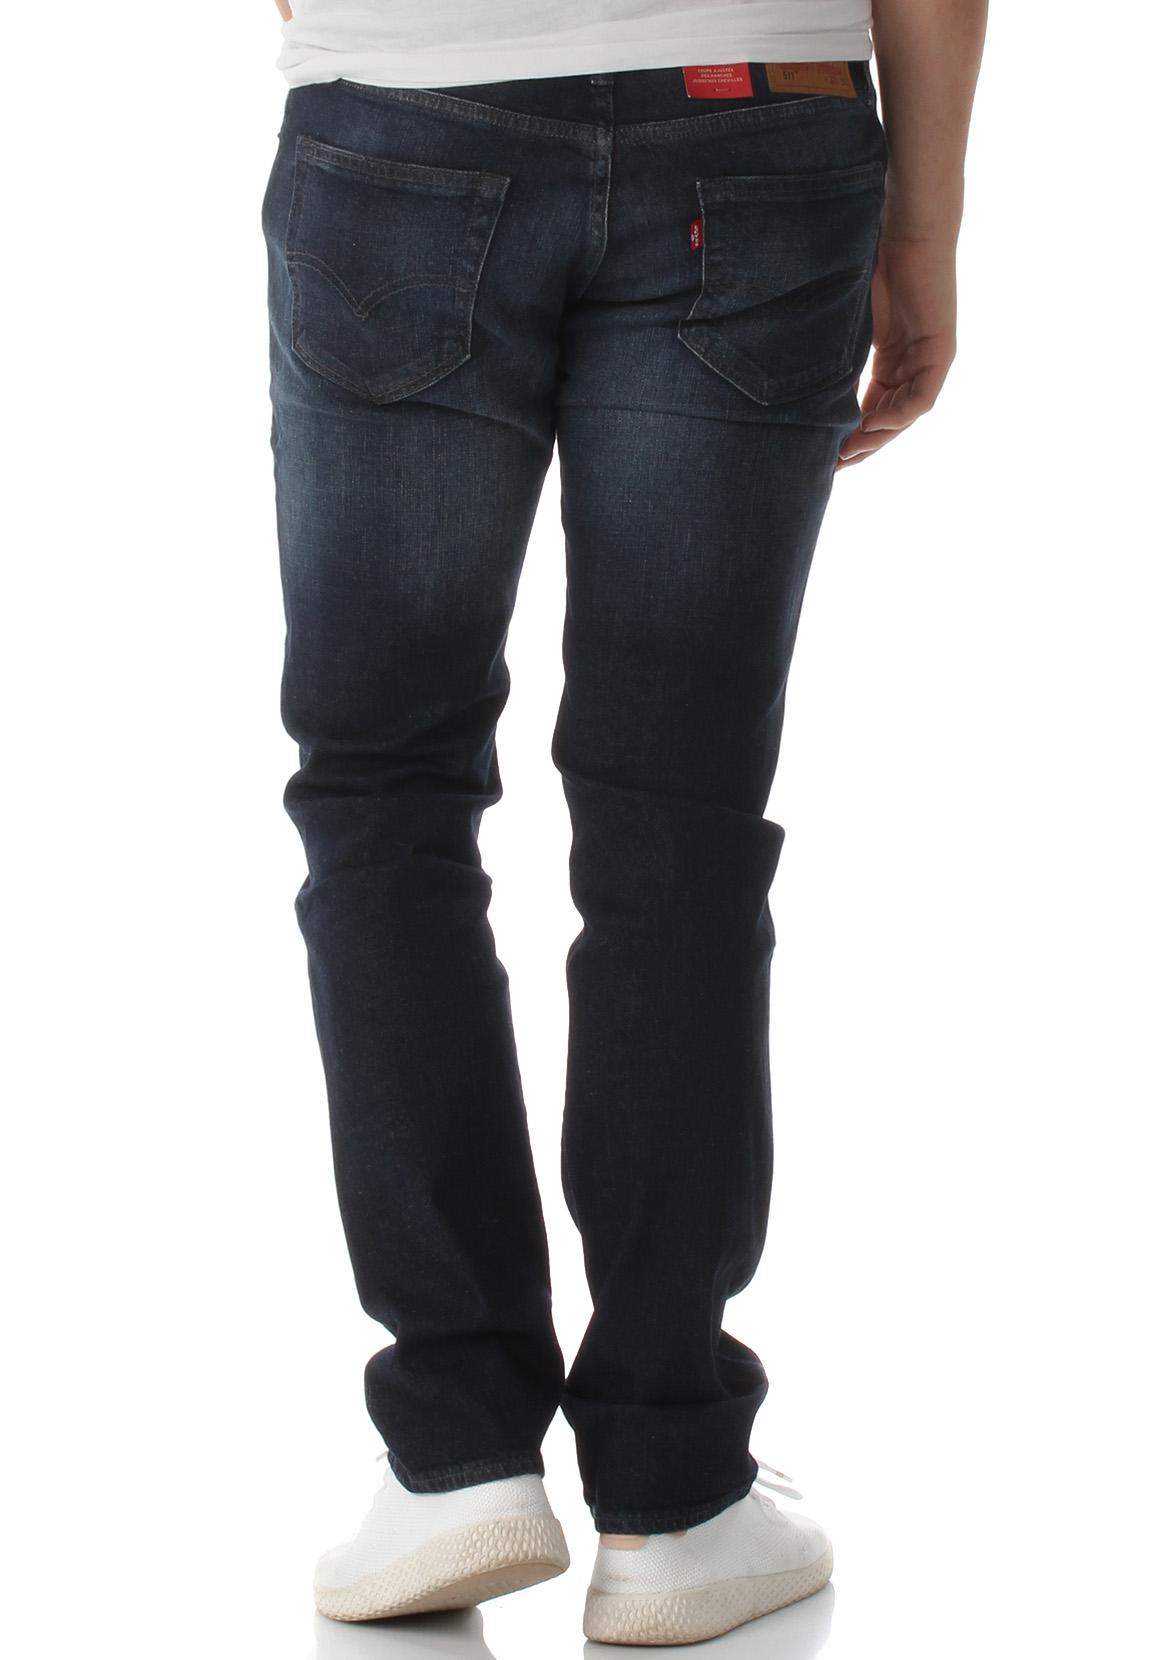 levi s herren jeans 511 slim fit 04511 2849 nightmare ltwt. Black Bedroom Furniture Sets. Home Design Ideas